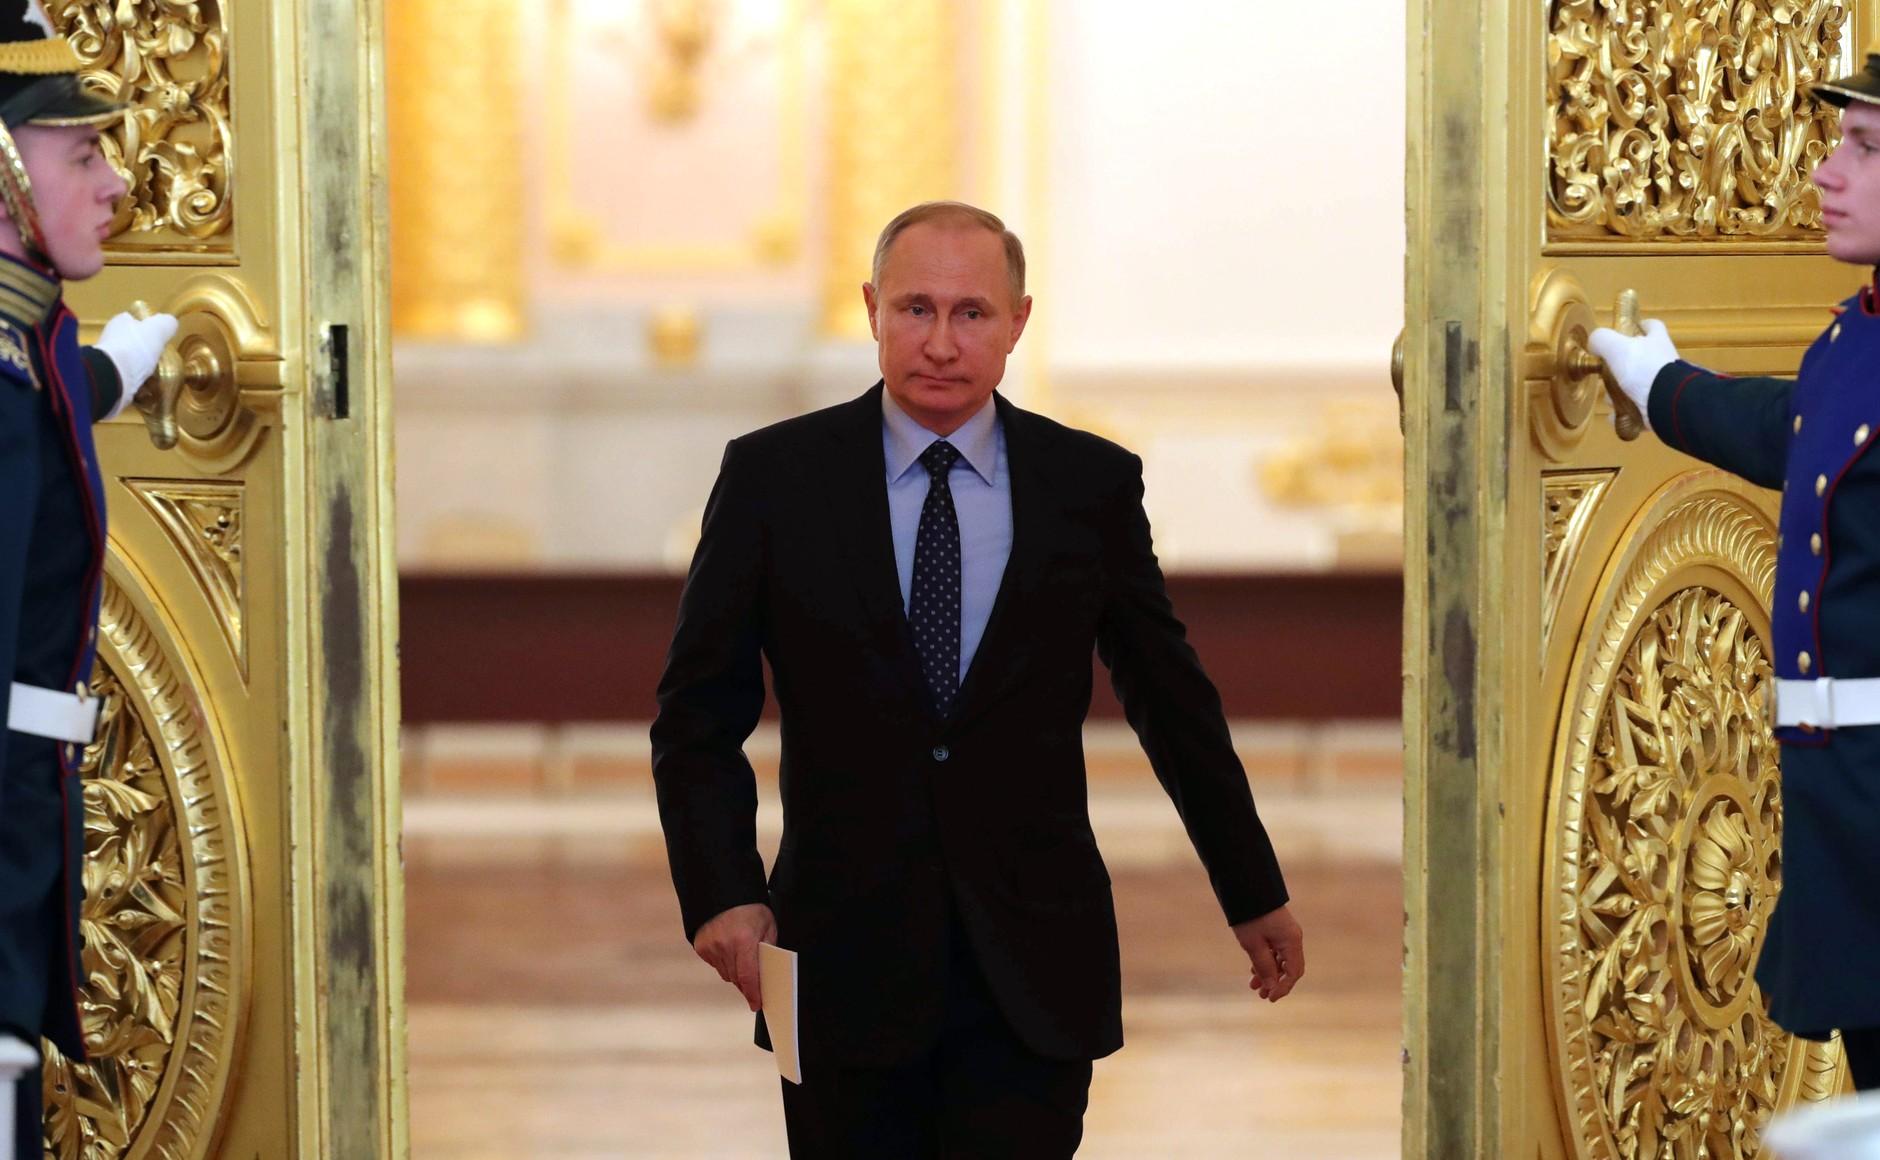 Встречи и разговоры президента РФ с мировыми лидерами предназначались для внутренней аудитории